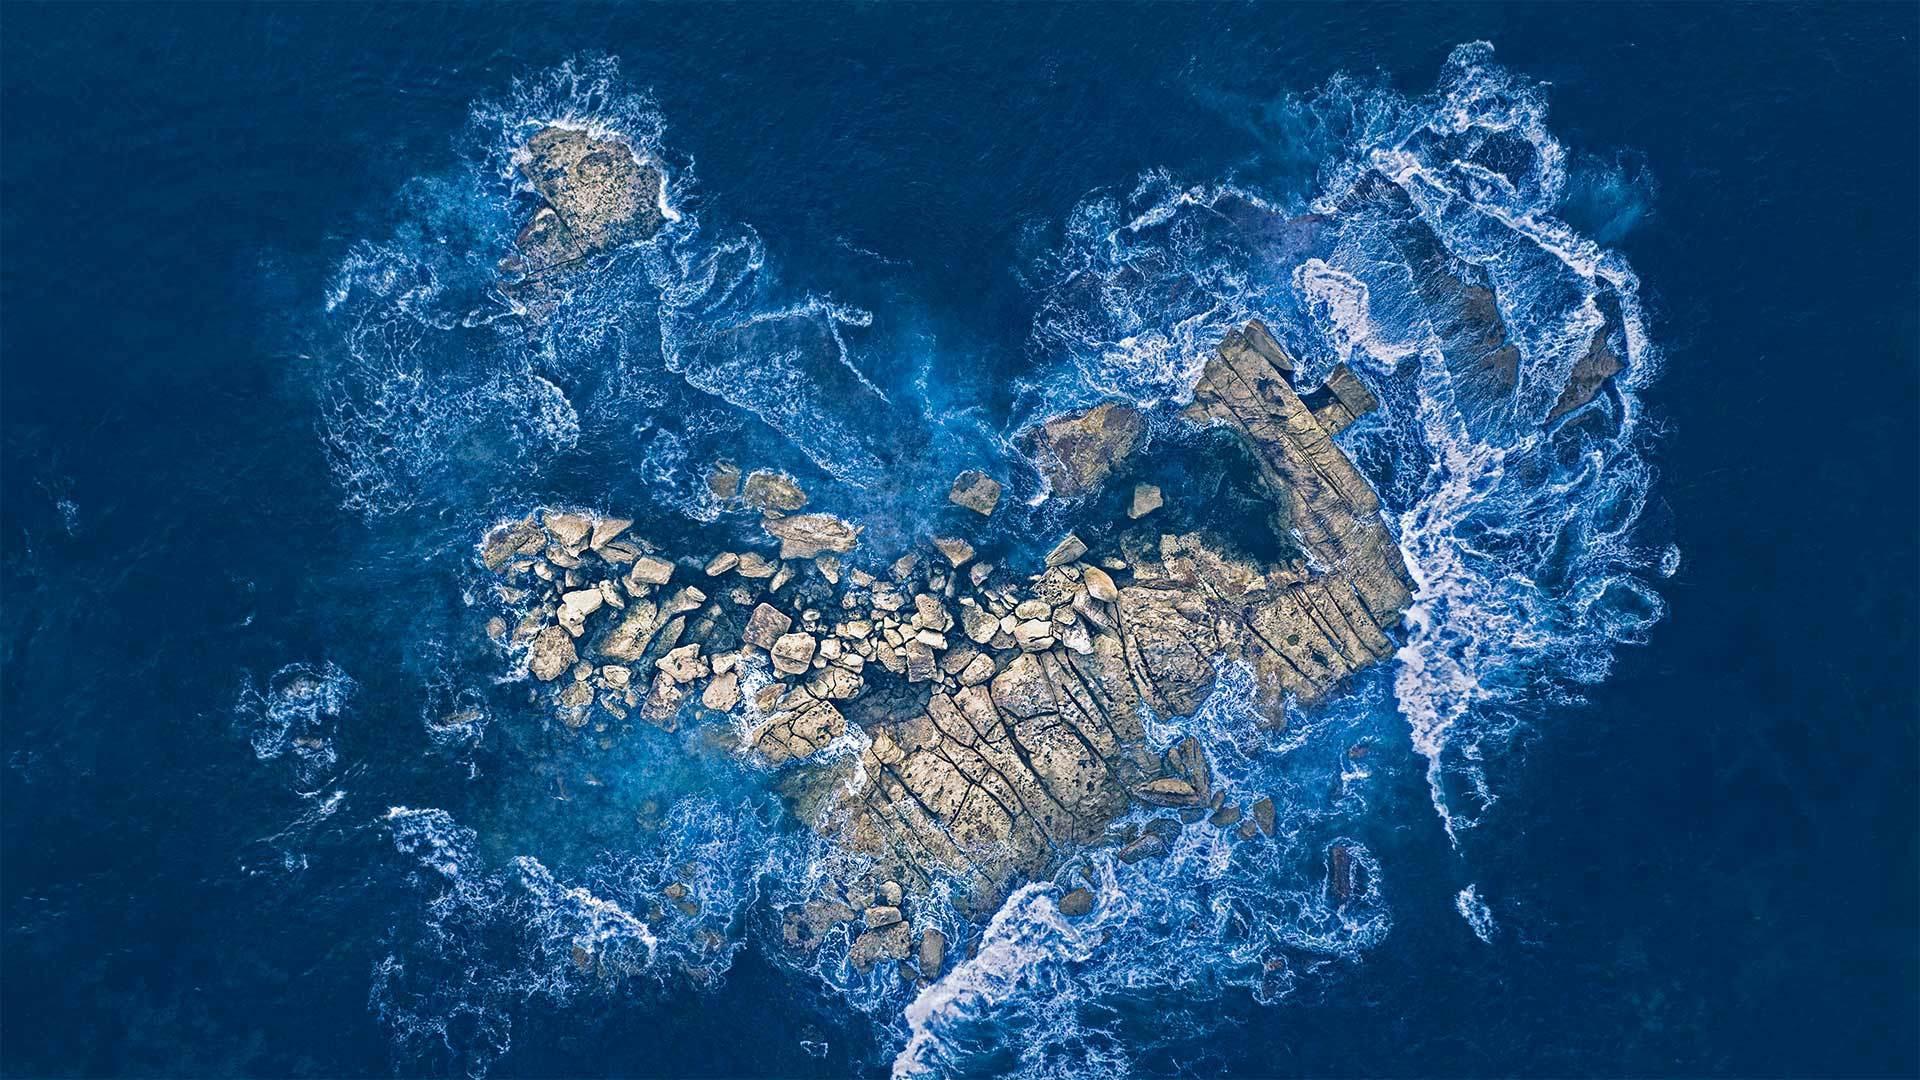 海浪冲击着悉尼海岸的一个心形岩石岛心形岩石岛